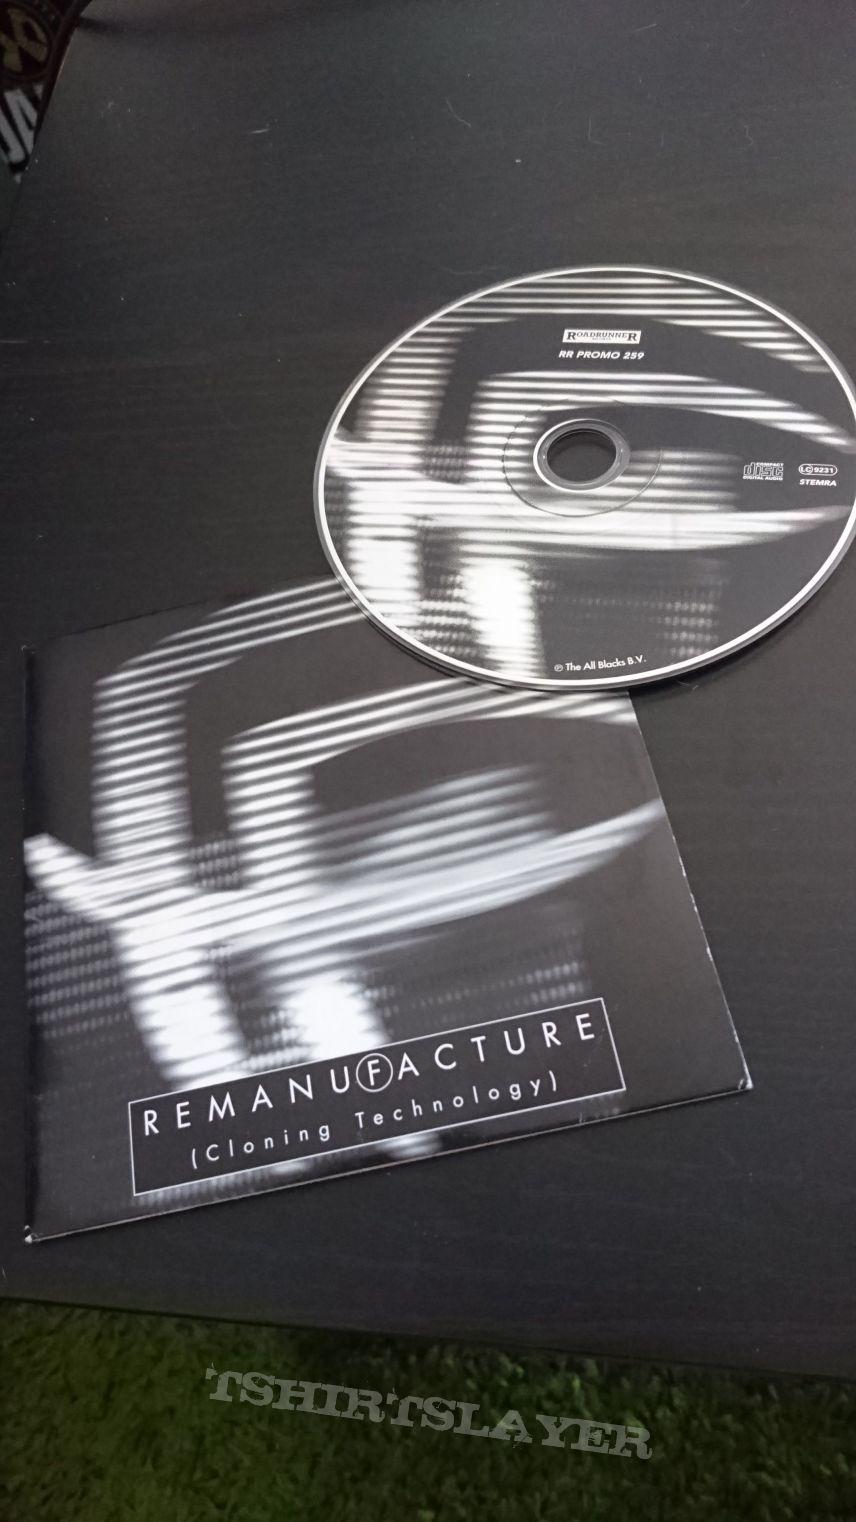 Remanufacture promo